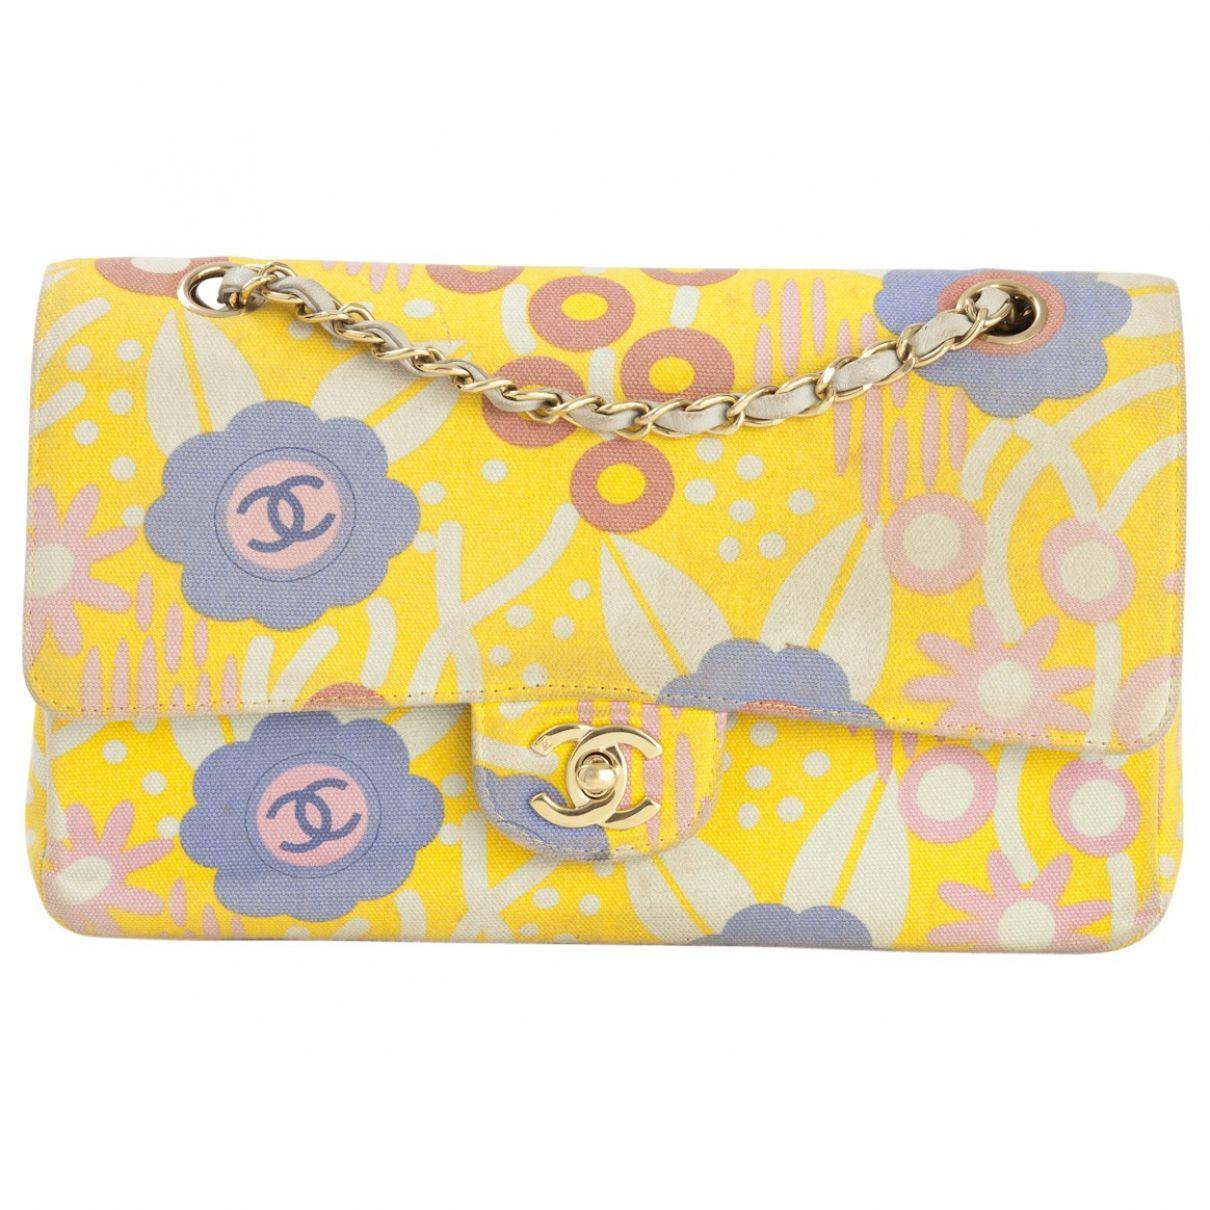 683d24e2e864 Multicolour Cloth Handbag Timeless | Store online, Women bags and Bag